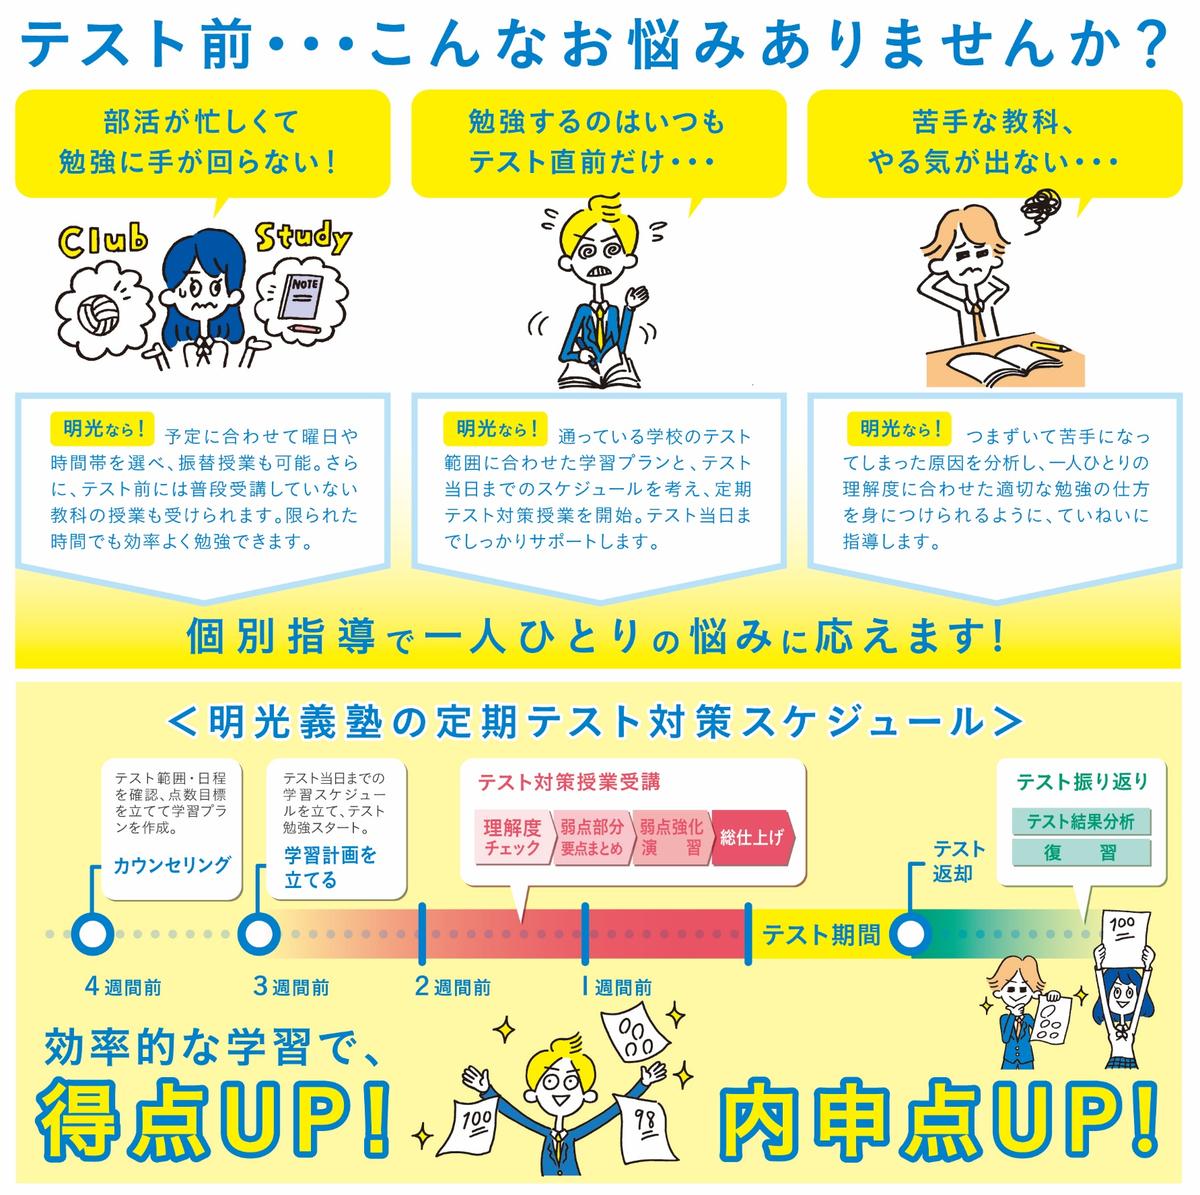 f:id:meikogijuku_blog:20191028114224p:plain